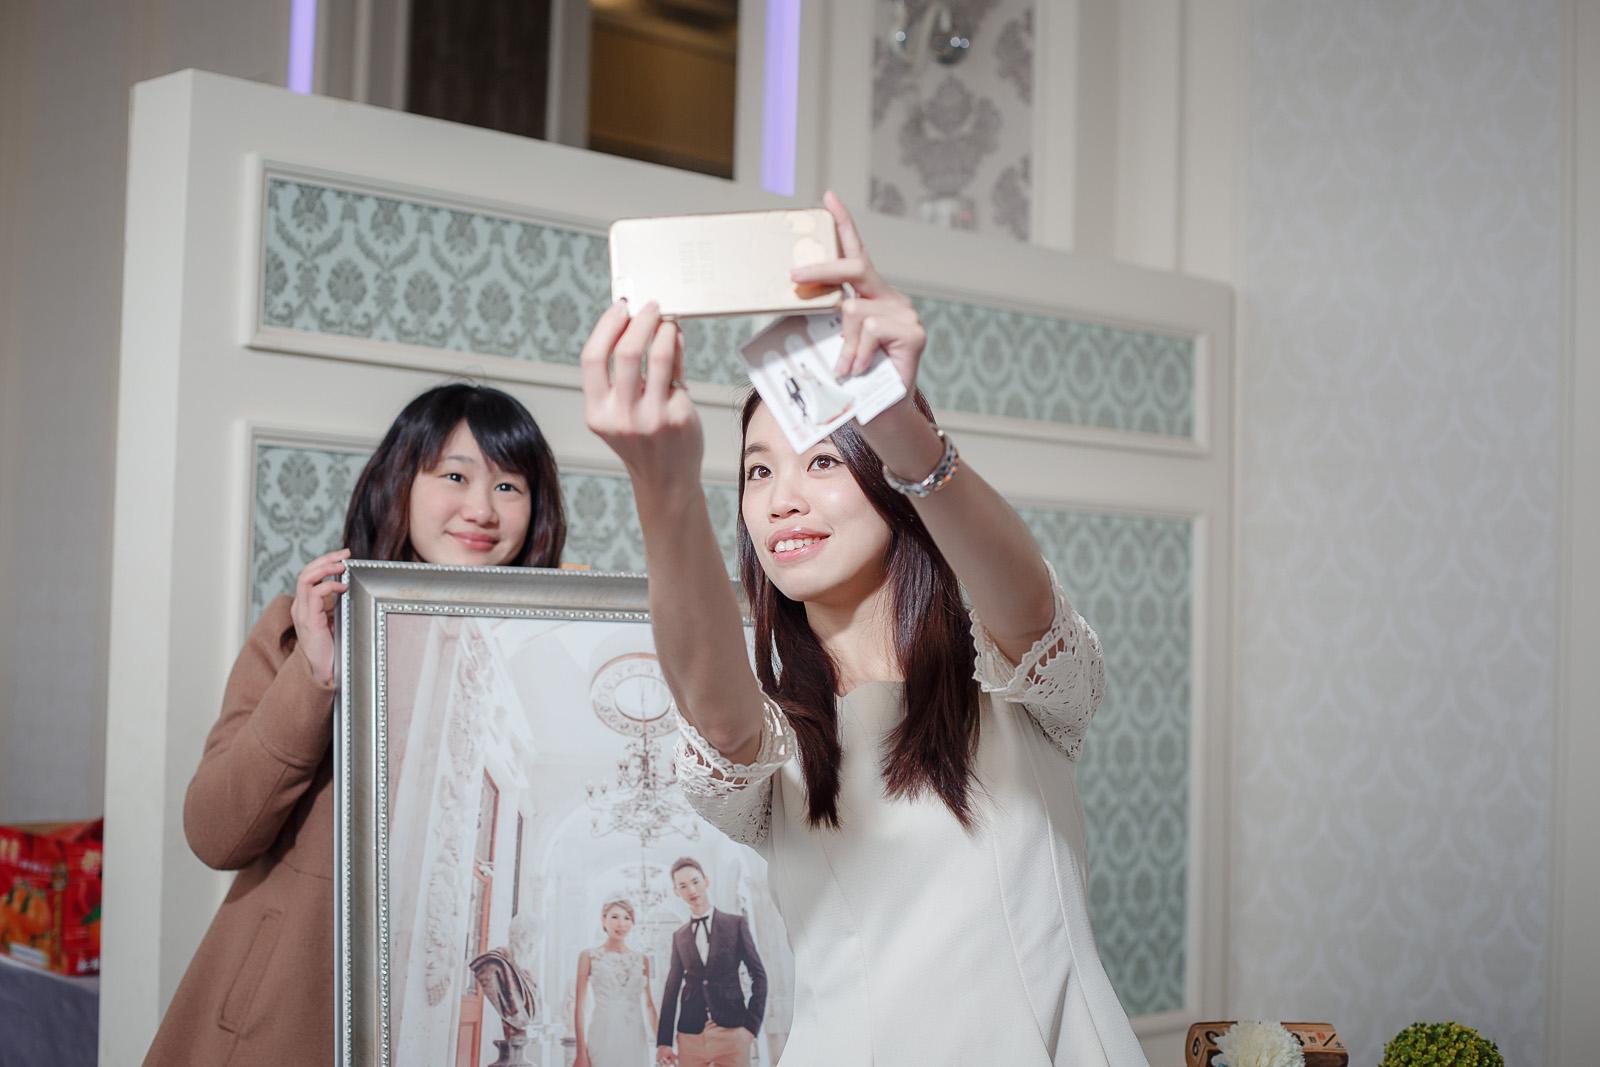 高雄圓山飯店,婚禮攝影,婚攝,高雄婚攝,優質婚攝推薦,Jen&Ethan-212